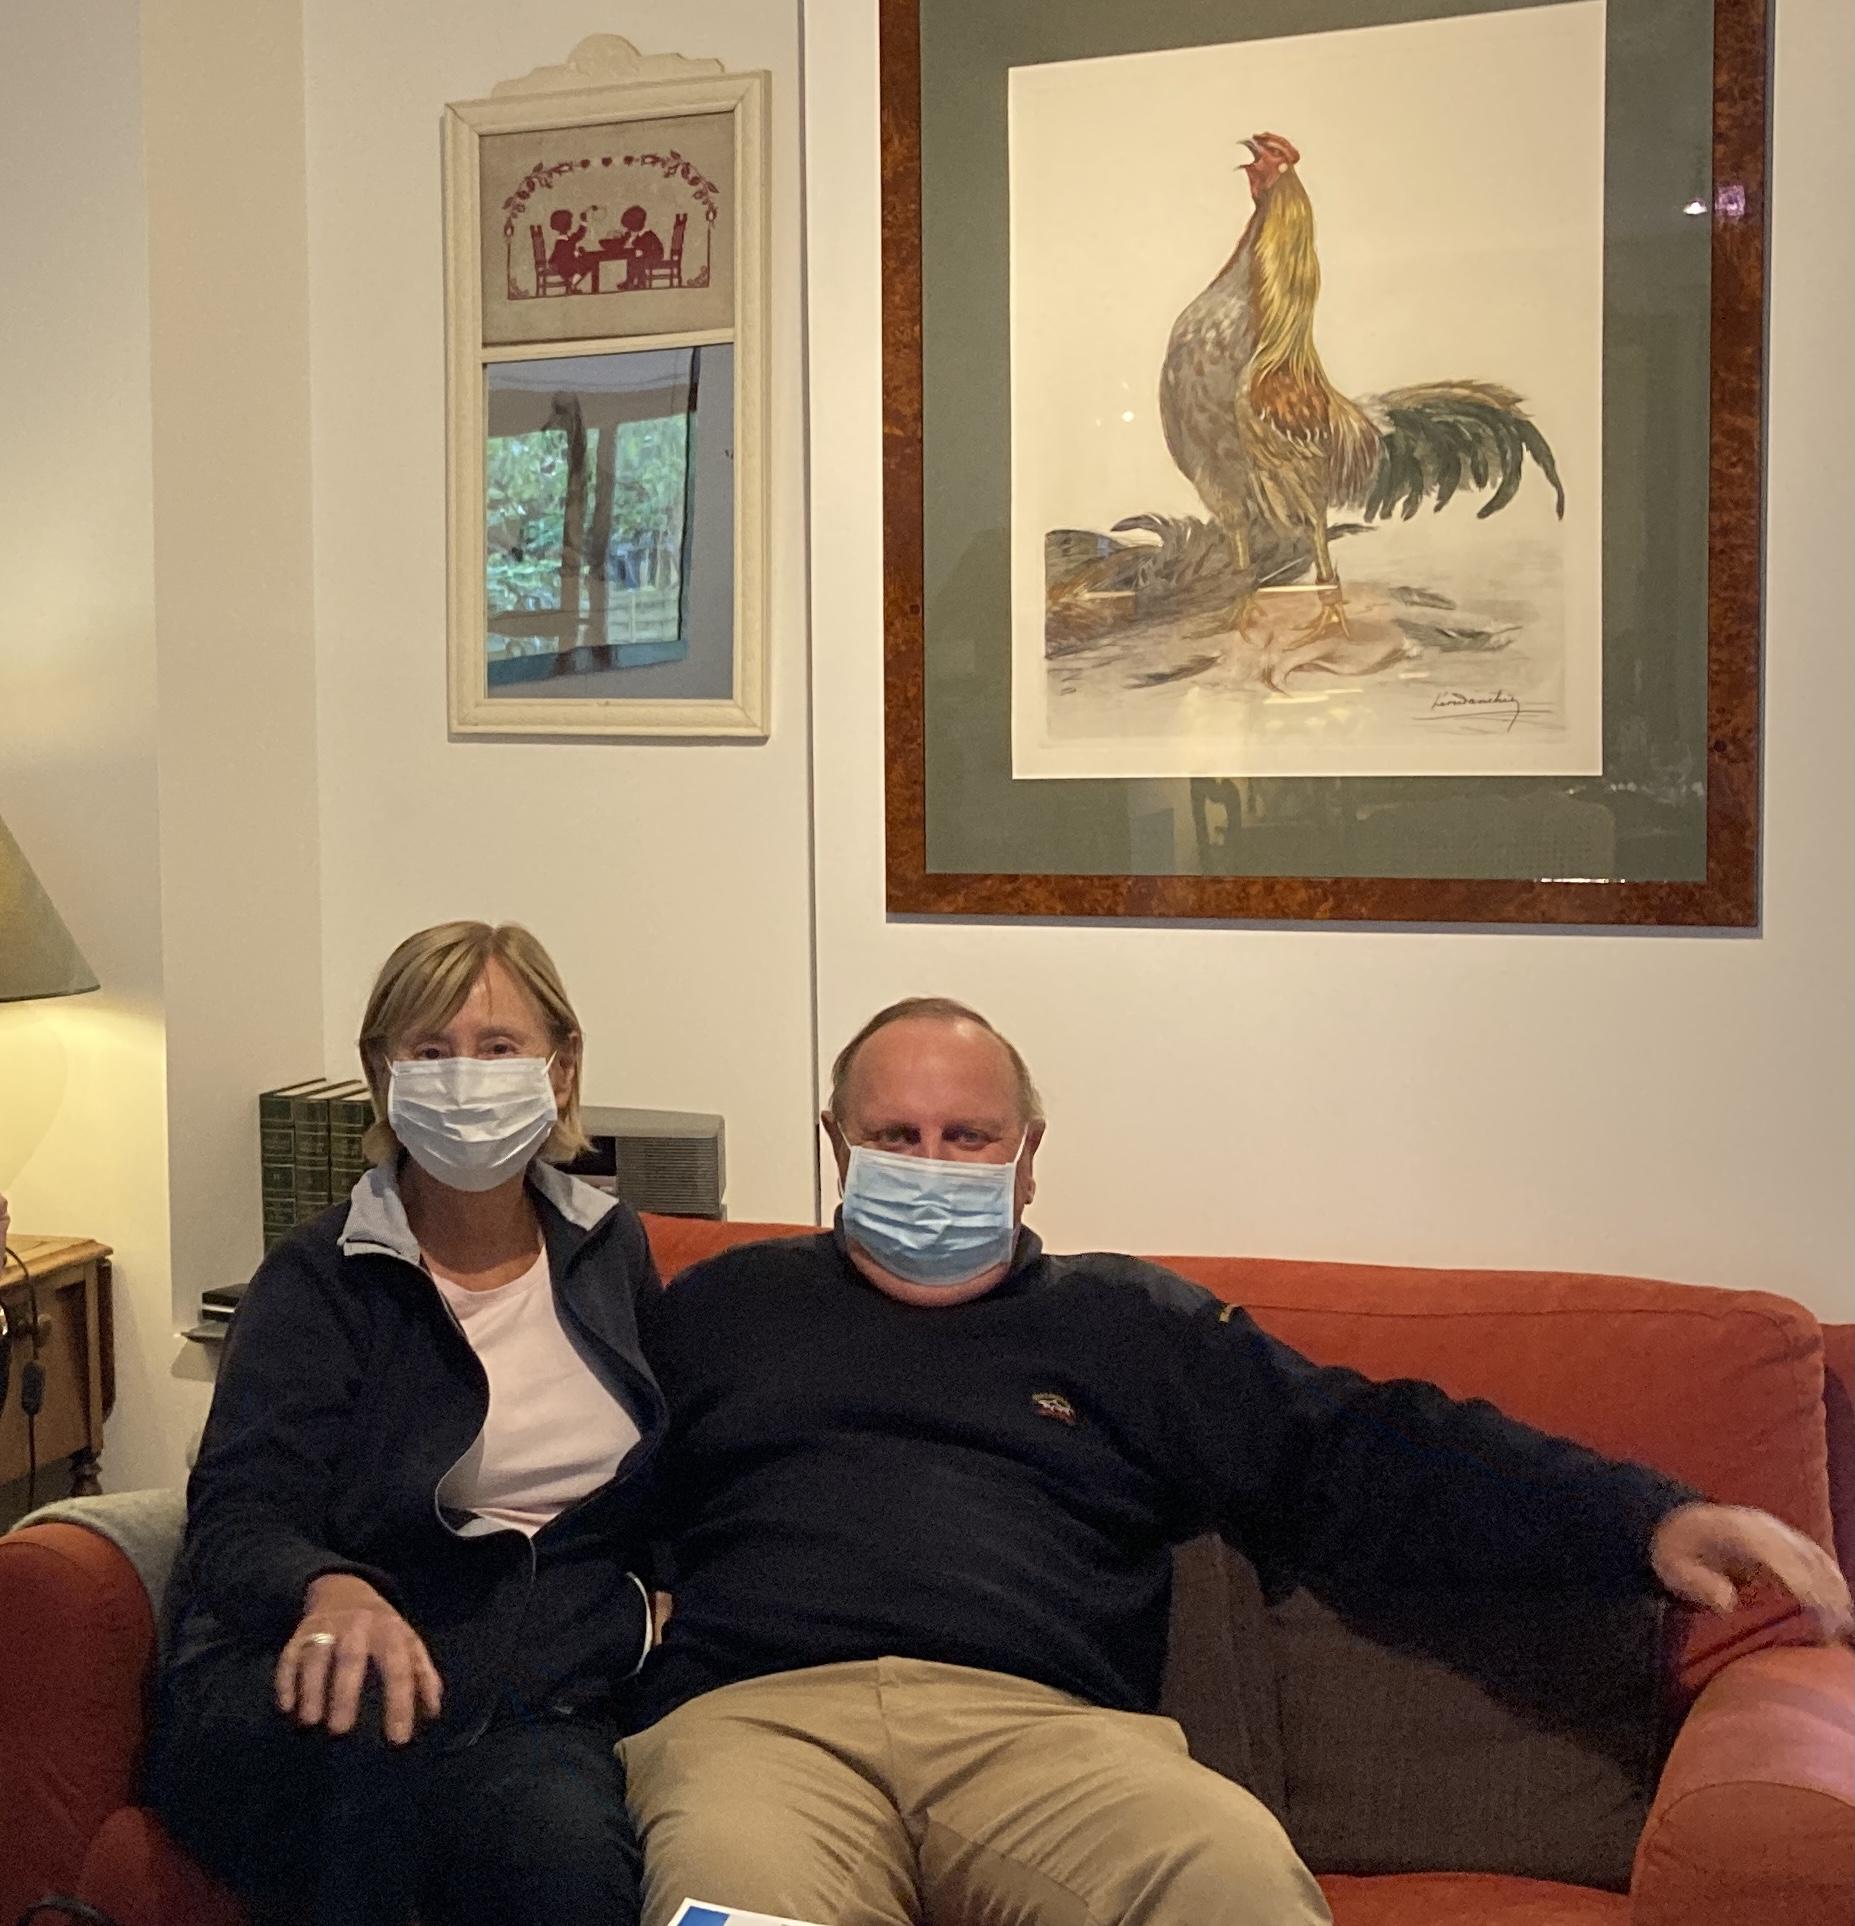 マスクをしているホストファミリー